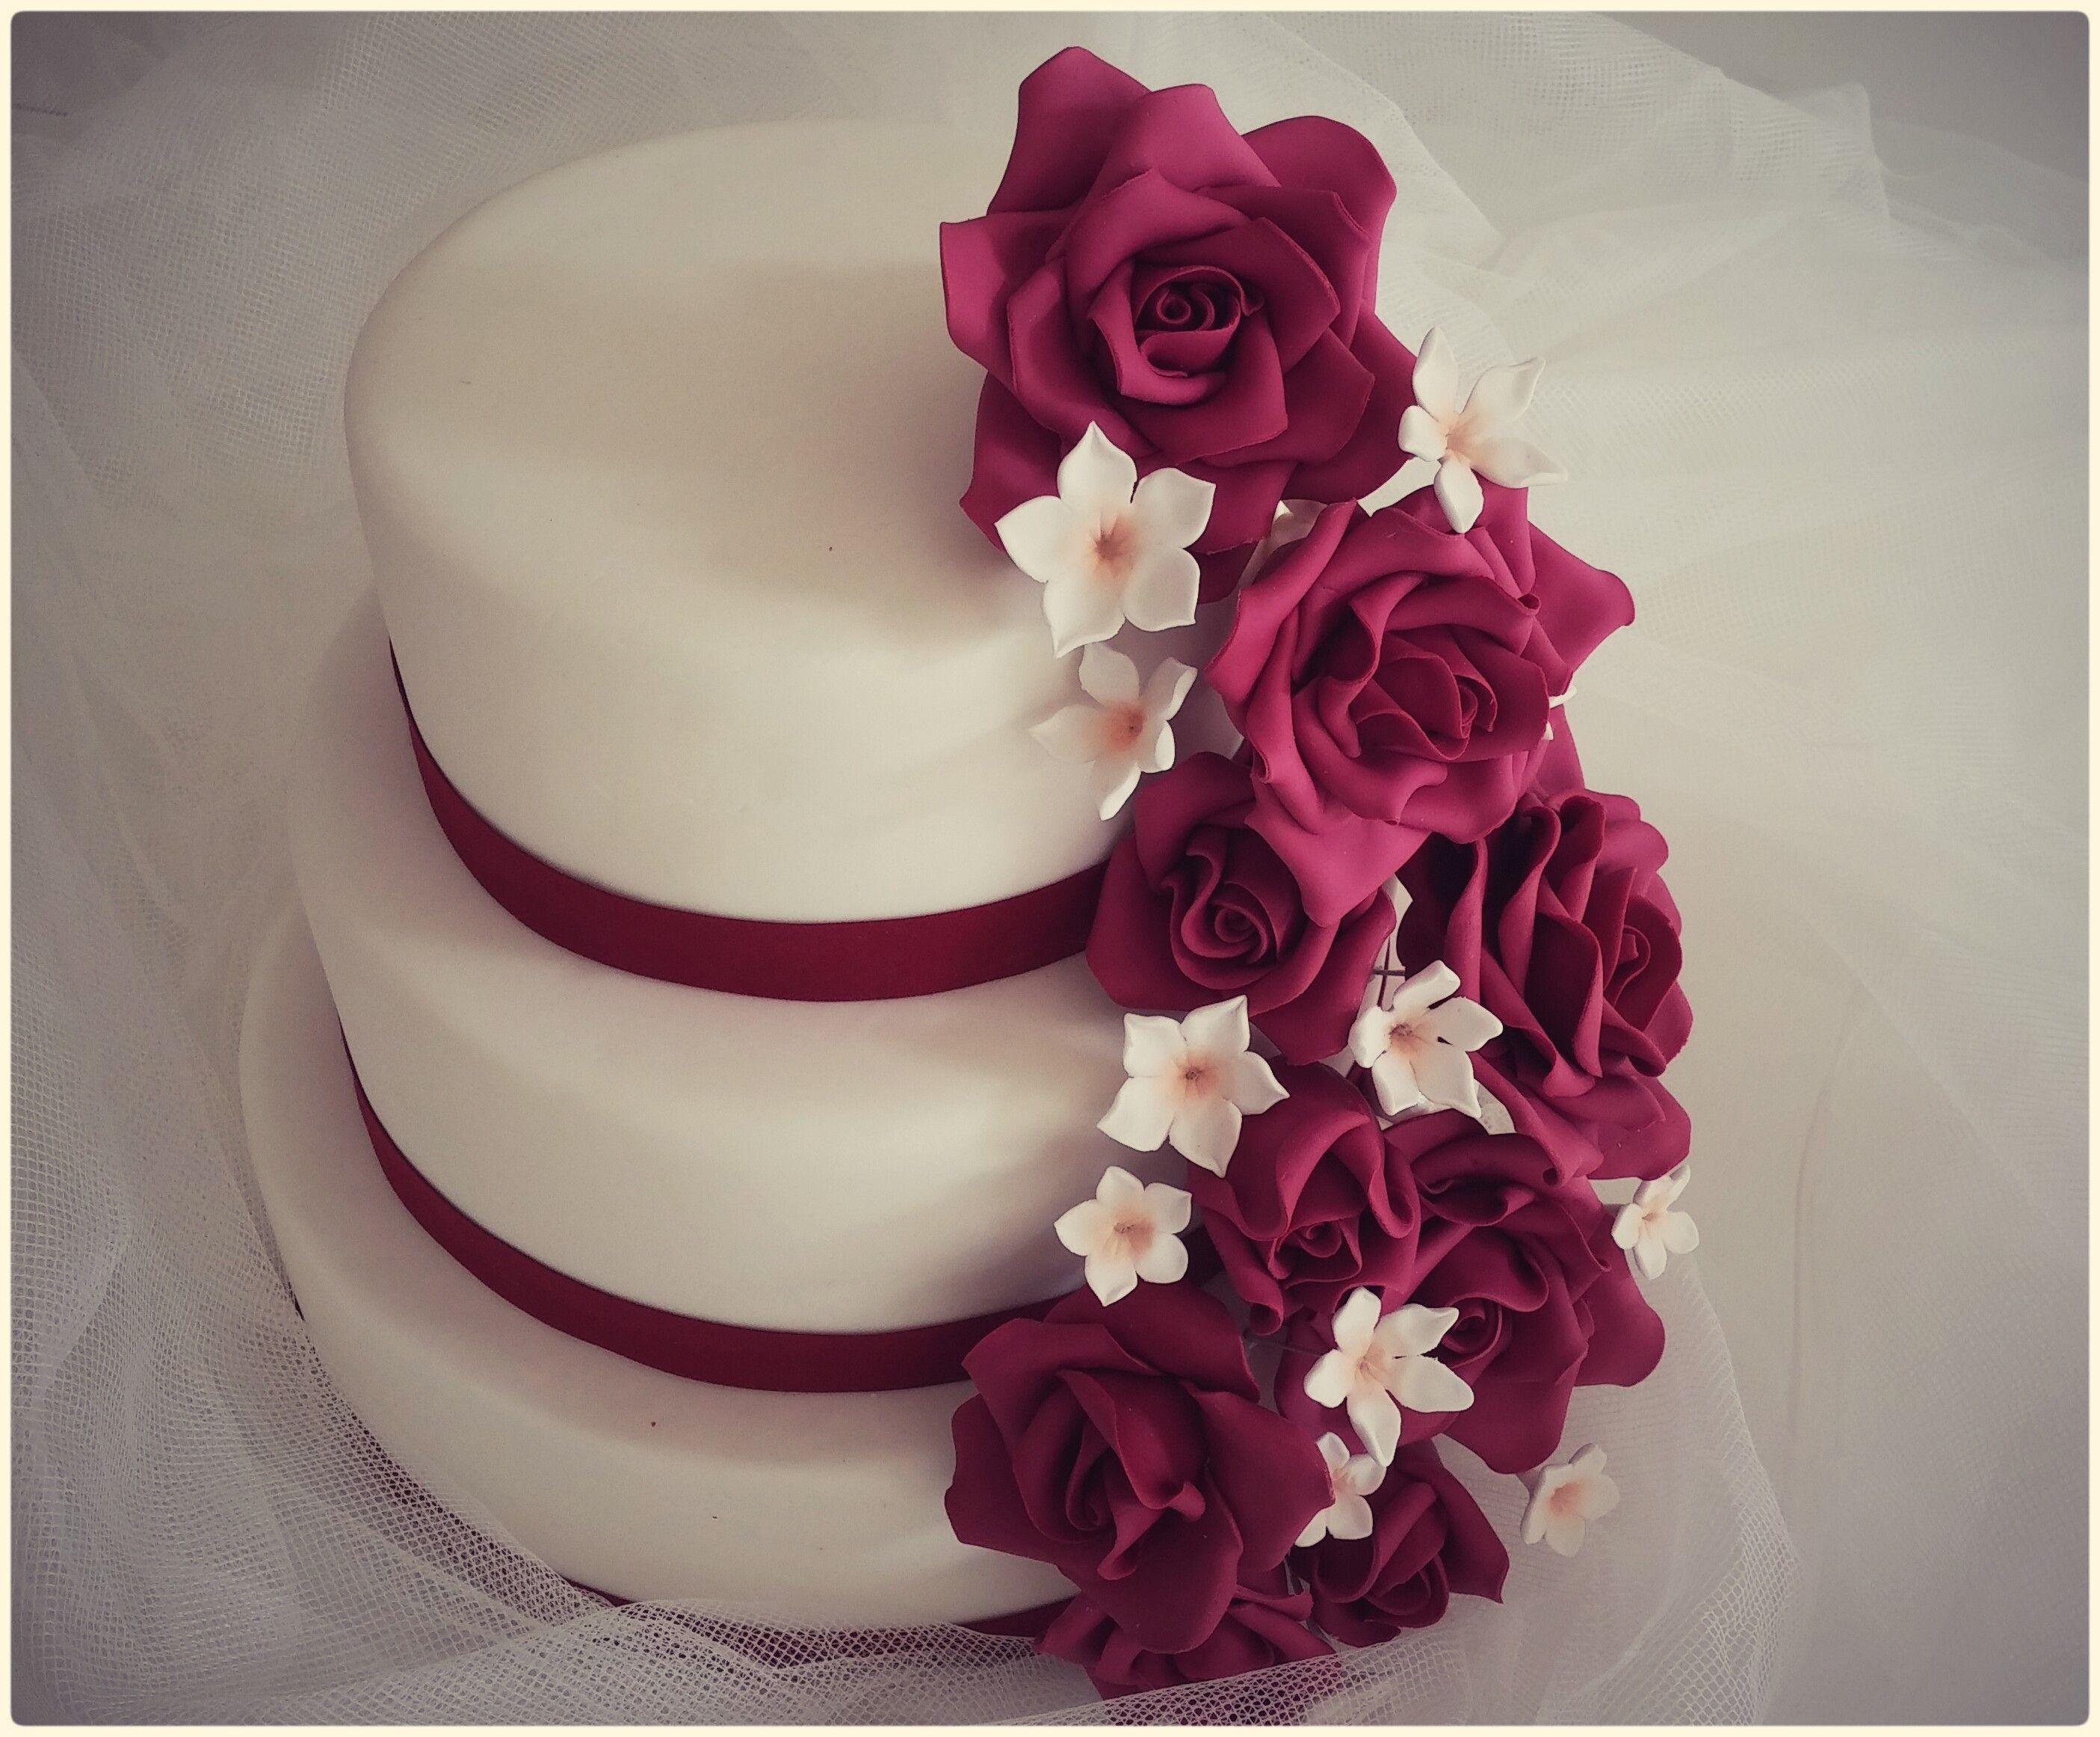 Tarta de boda de rosas burdeos